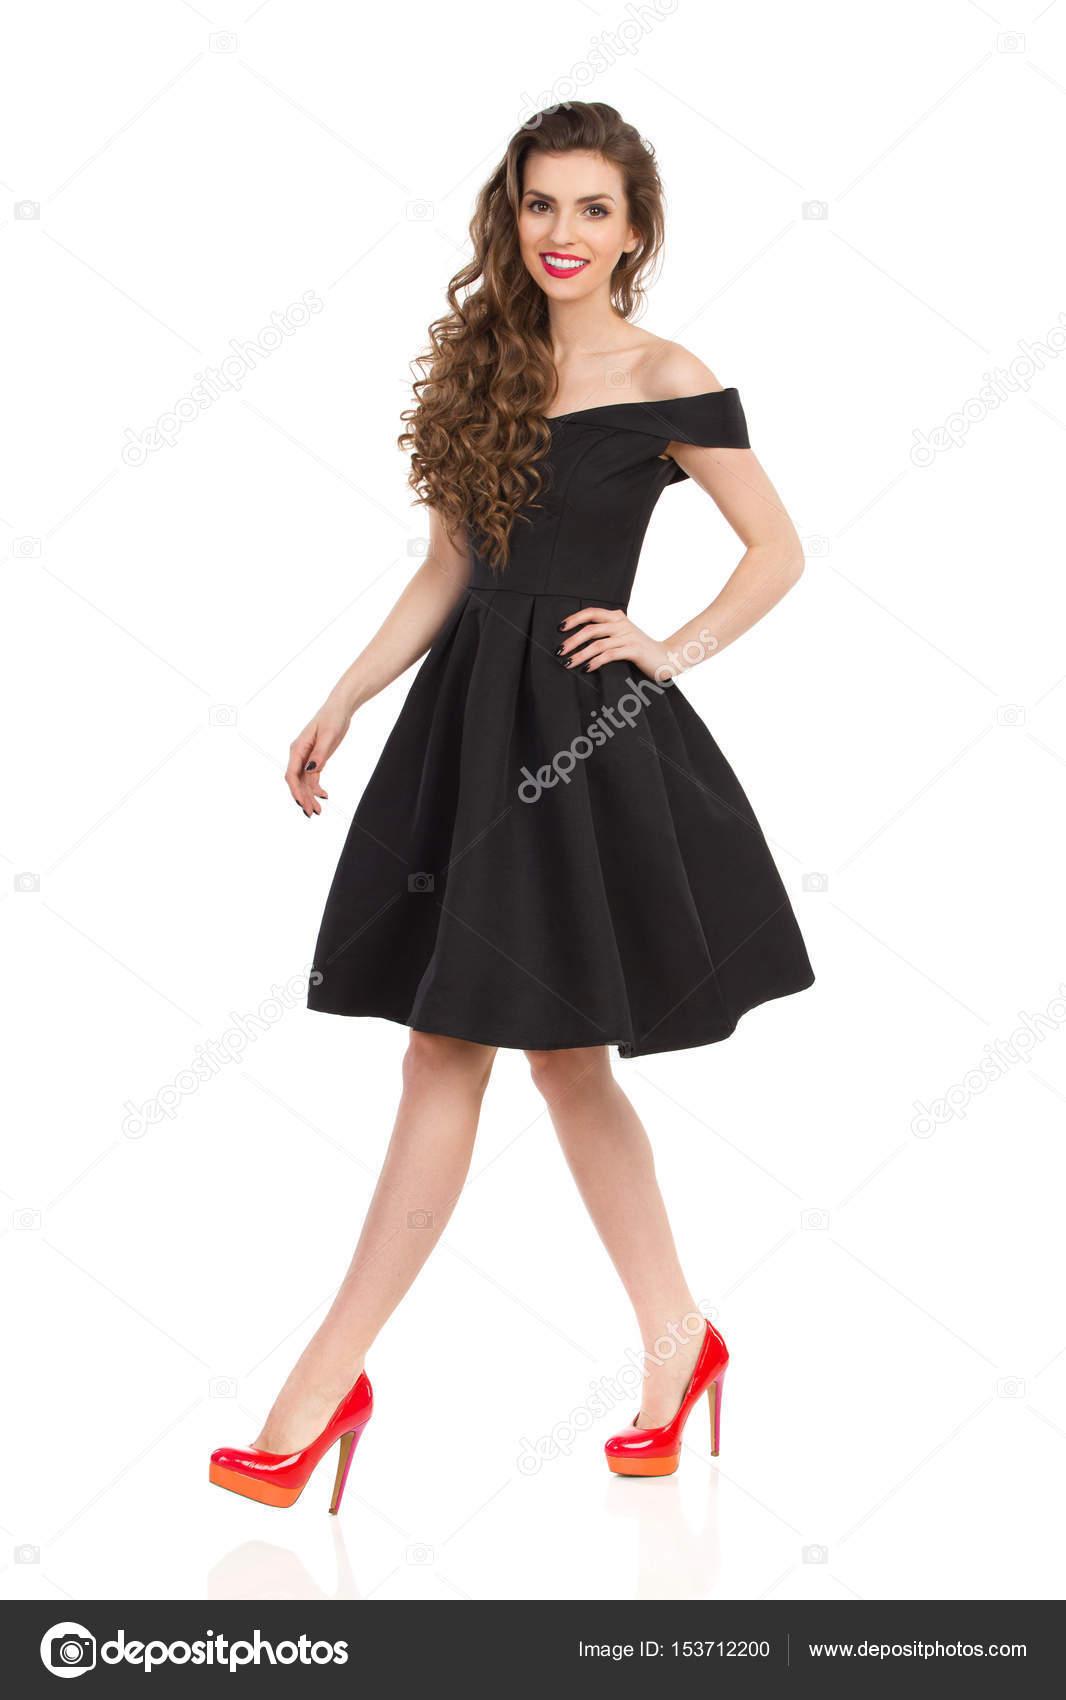 4e3f258a32e Belle jeune femme élégante robe de cocktail noire et talons hauts rouges est  à pied